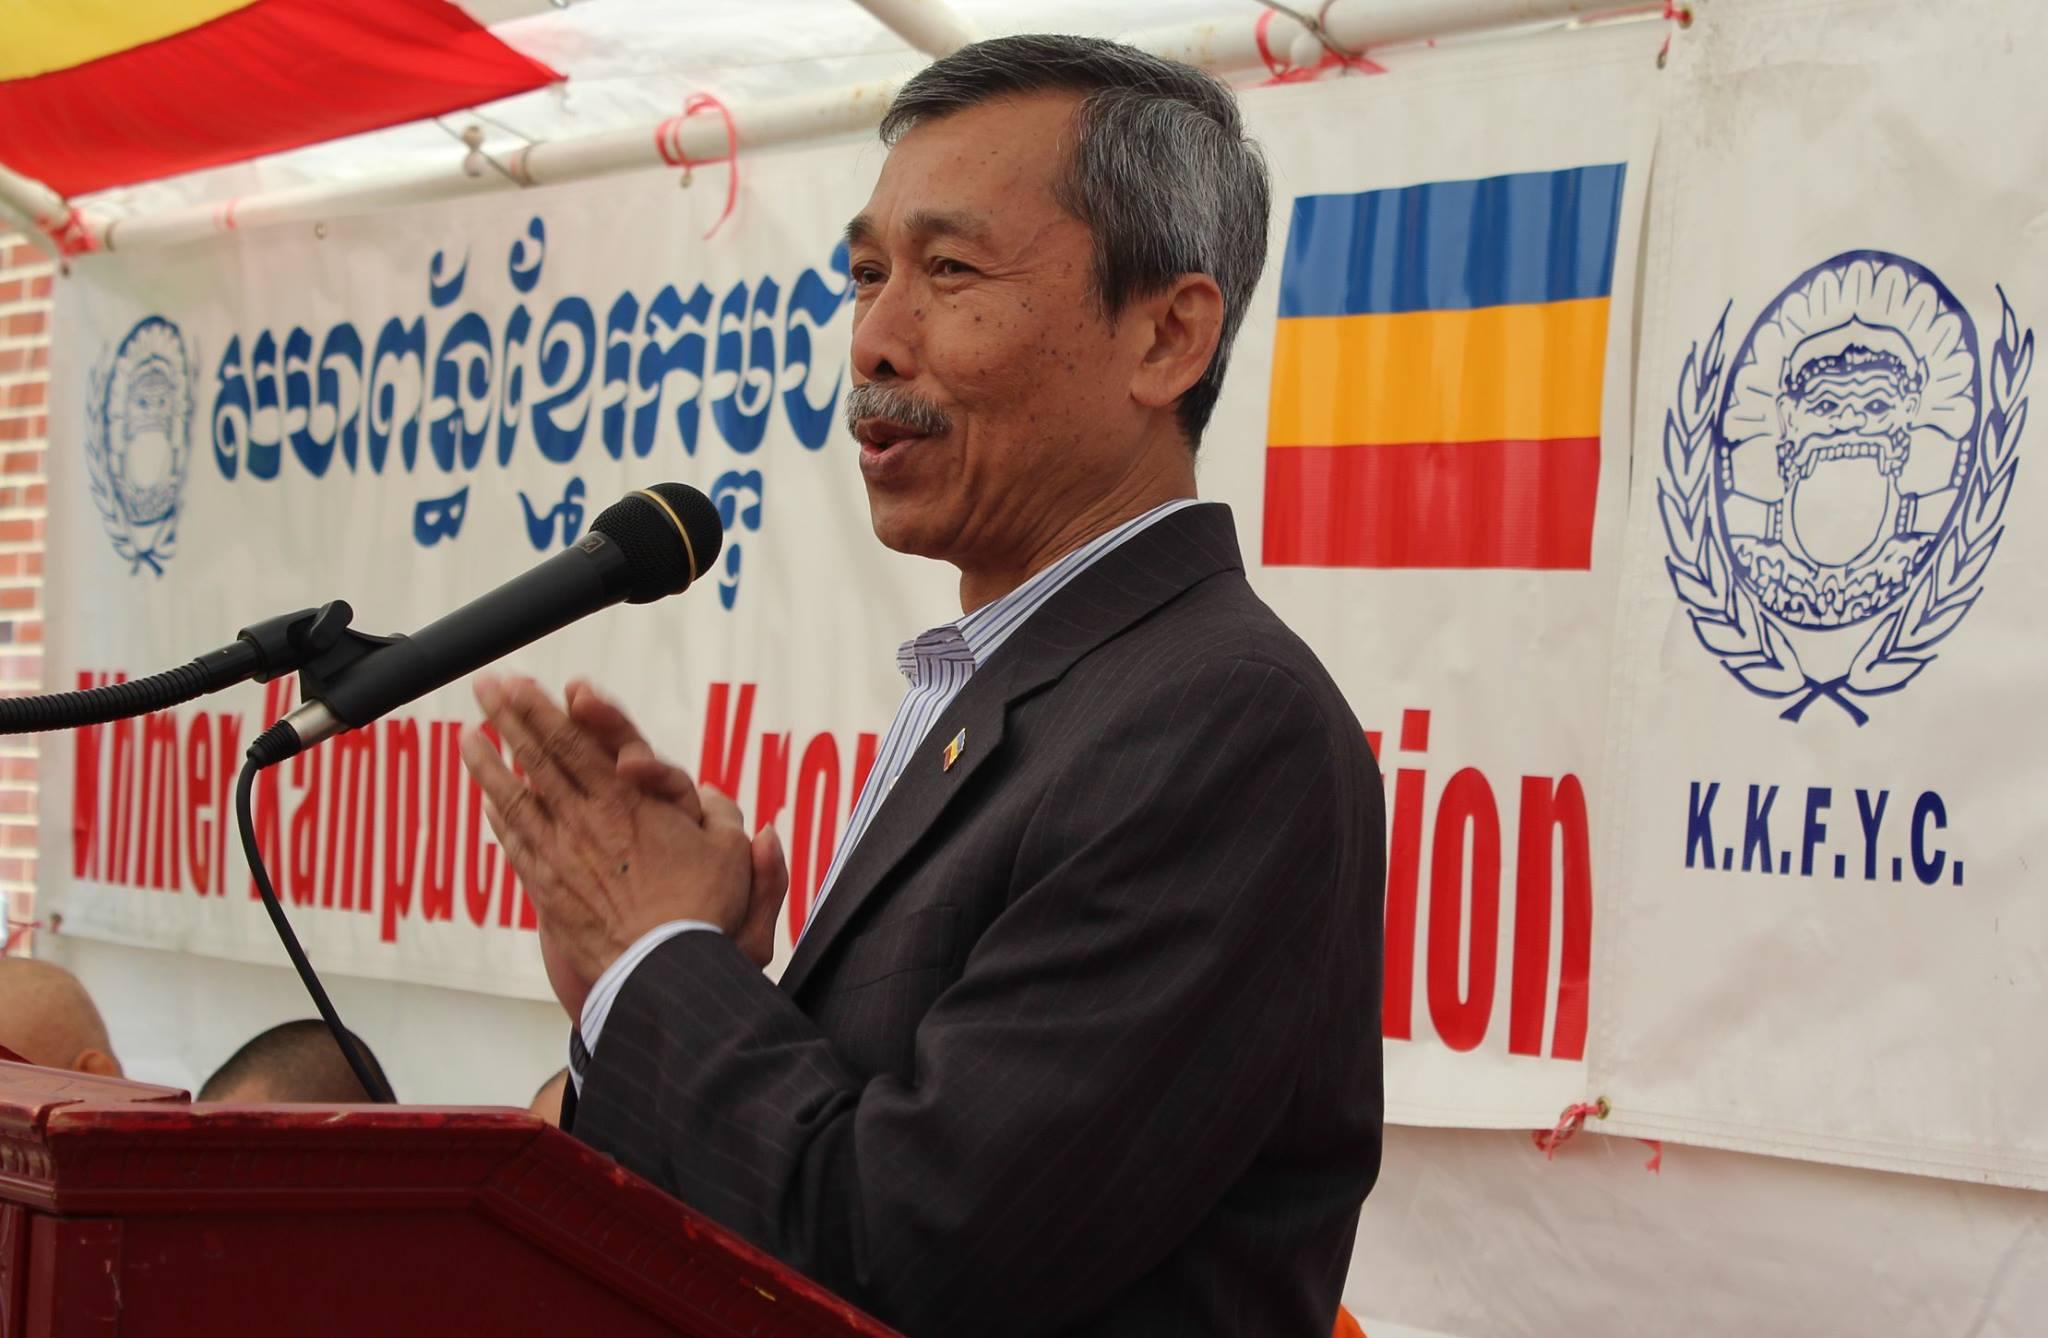 Bài phúc đáp Ông Mannrinh (KKF)gởi Lưu Vân (Nhóm Thanh Niên Dân Chủ)